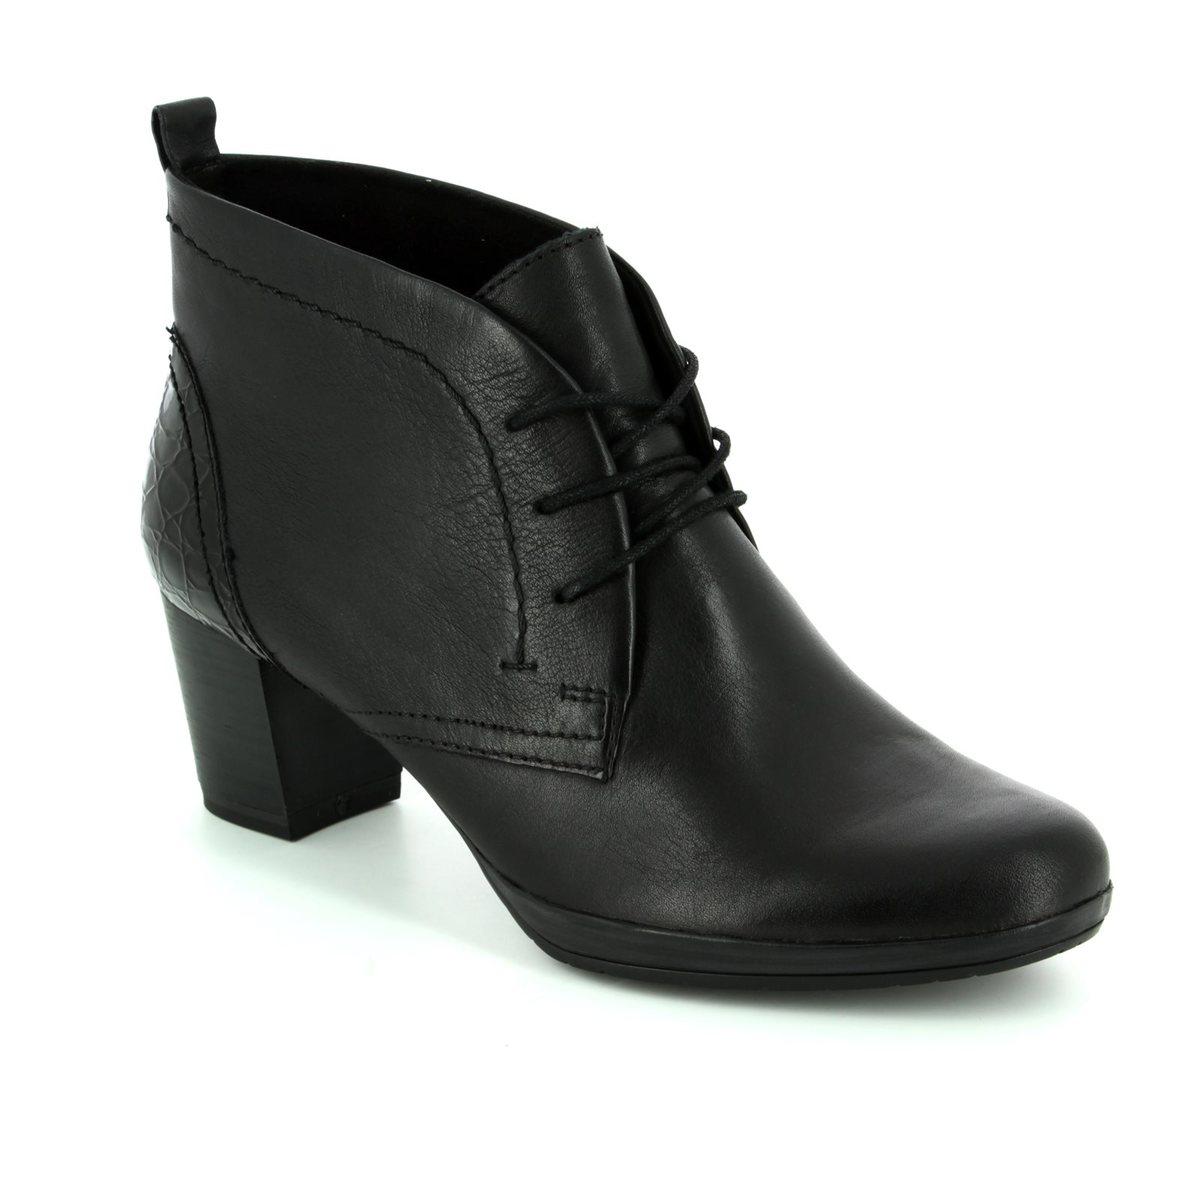 89d8e3480fb88 Marco Tozzi Ankle Boots - Black croc - 25106/096 BARSANTAL